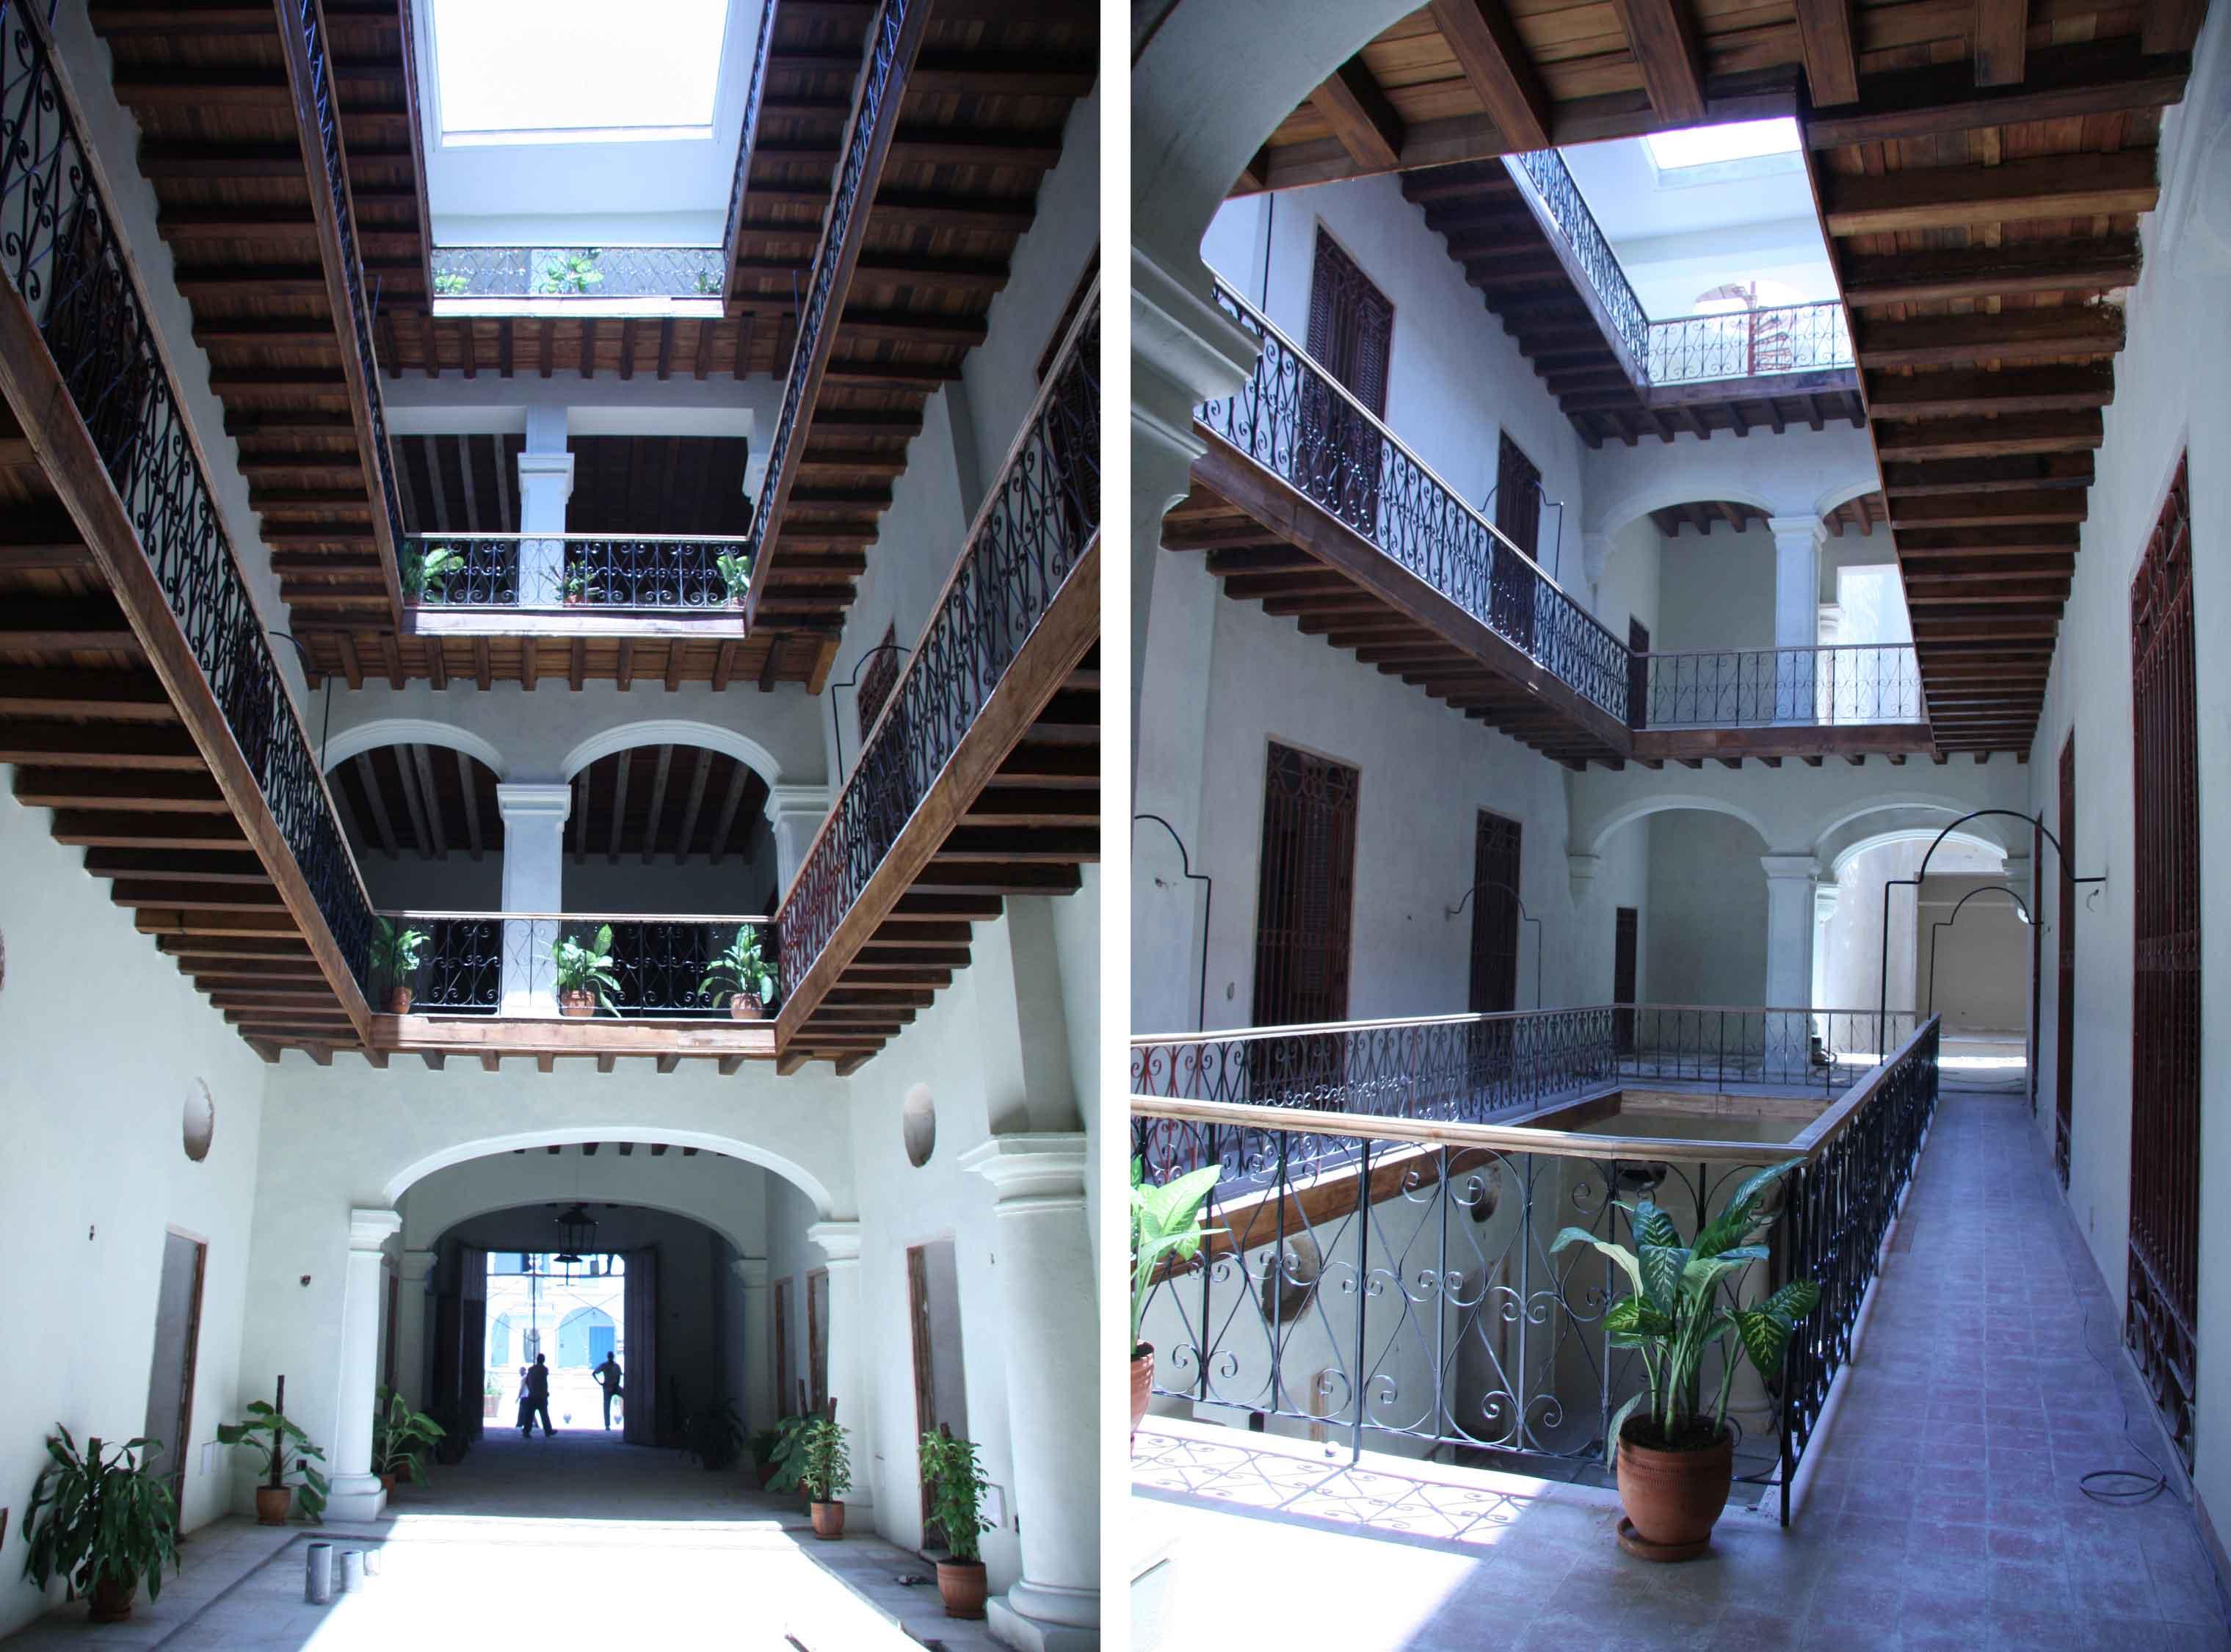 San Ignacio 360 - Interiores